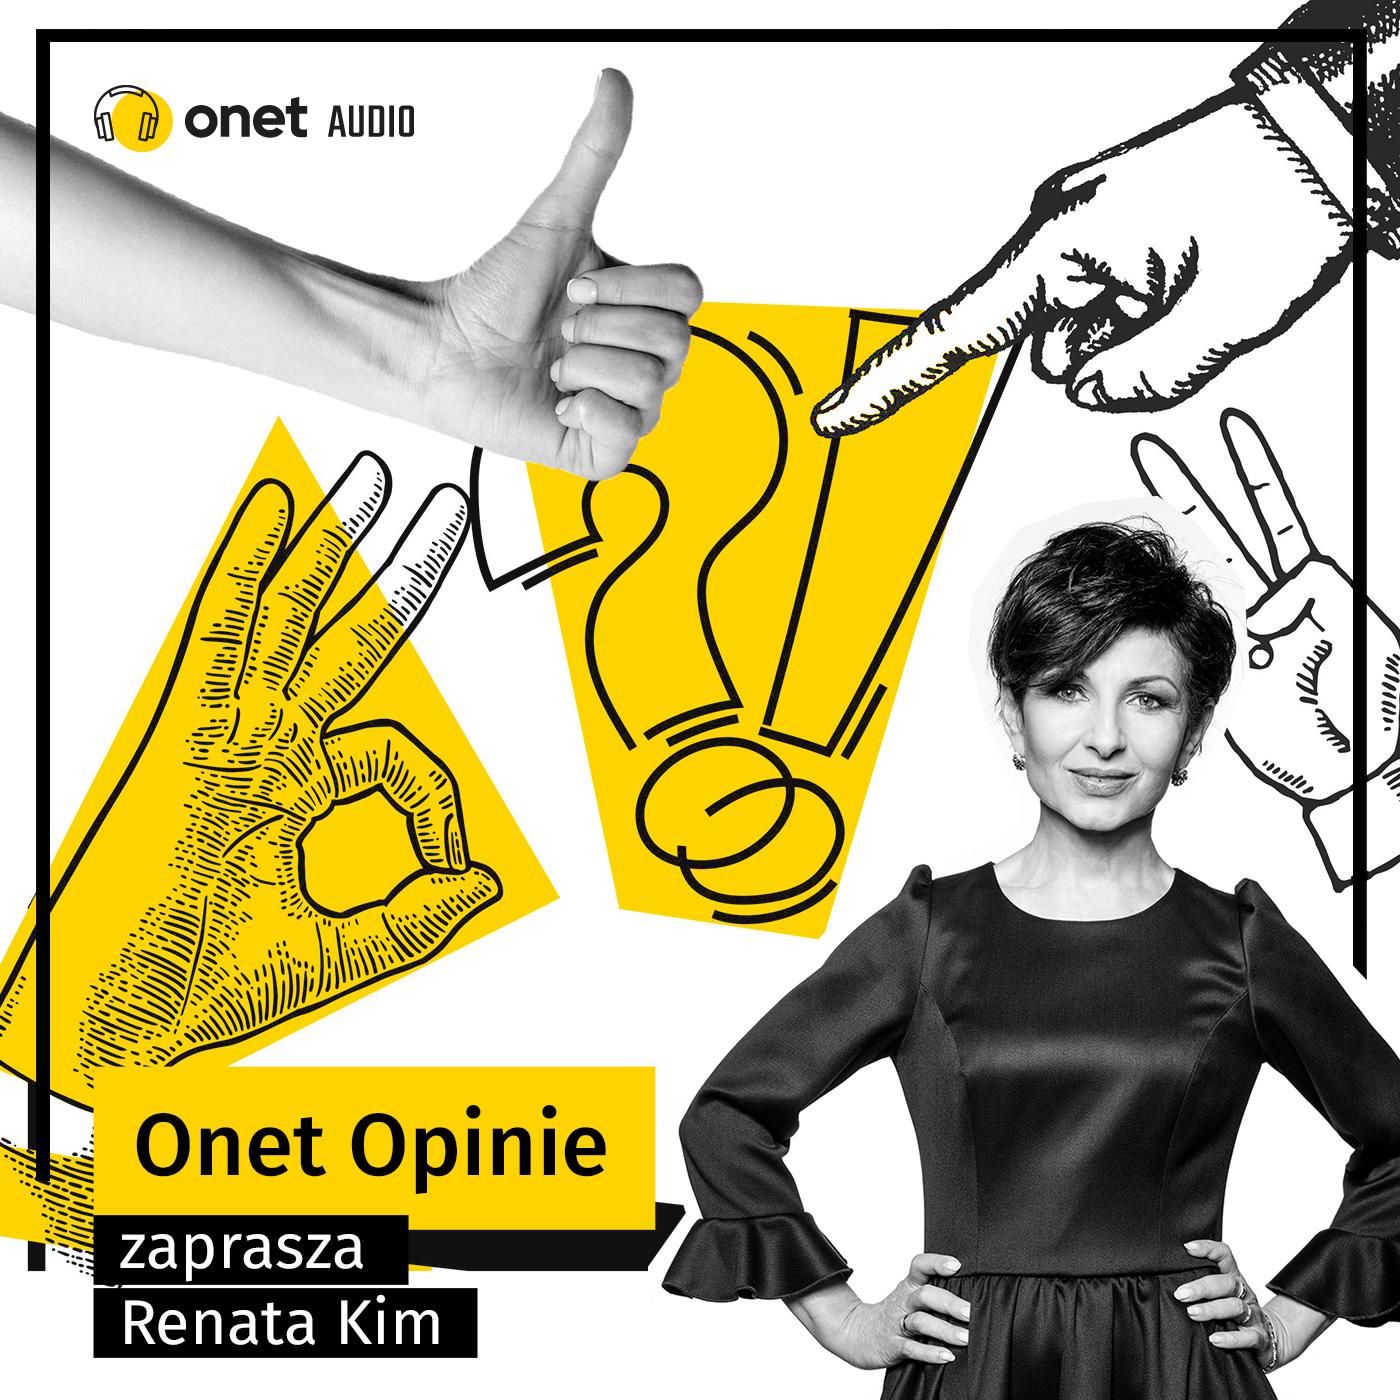 Onet Opinie - Kim show art